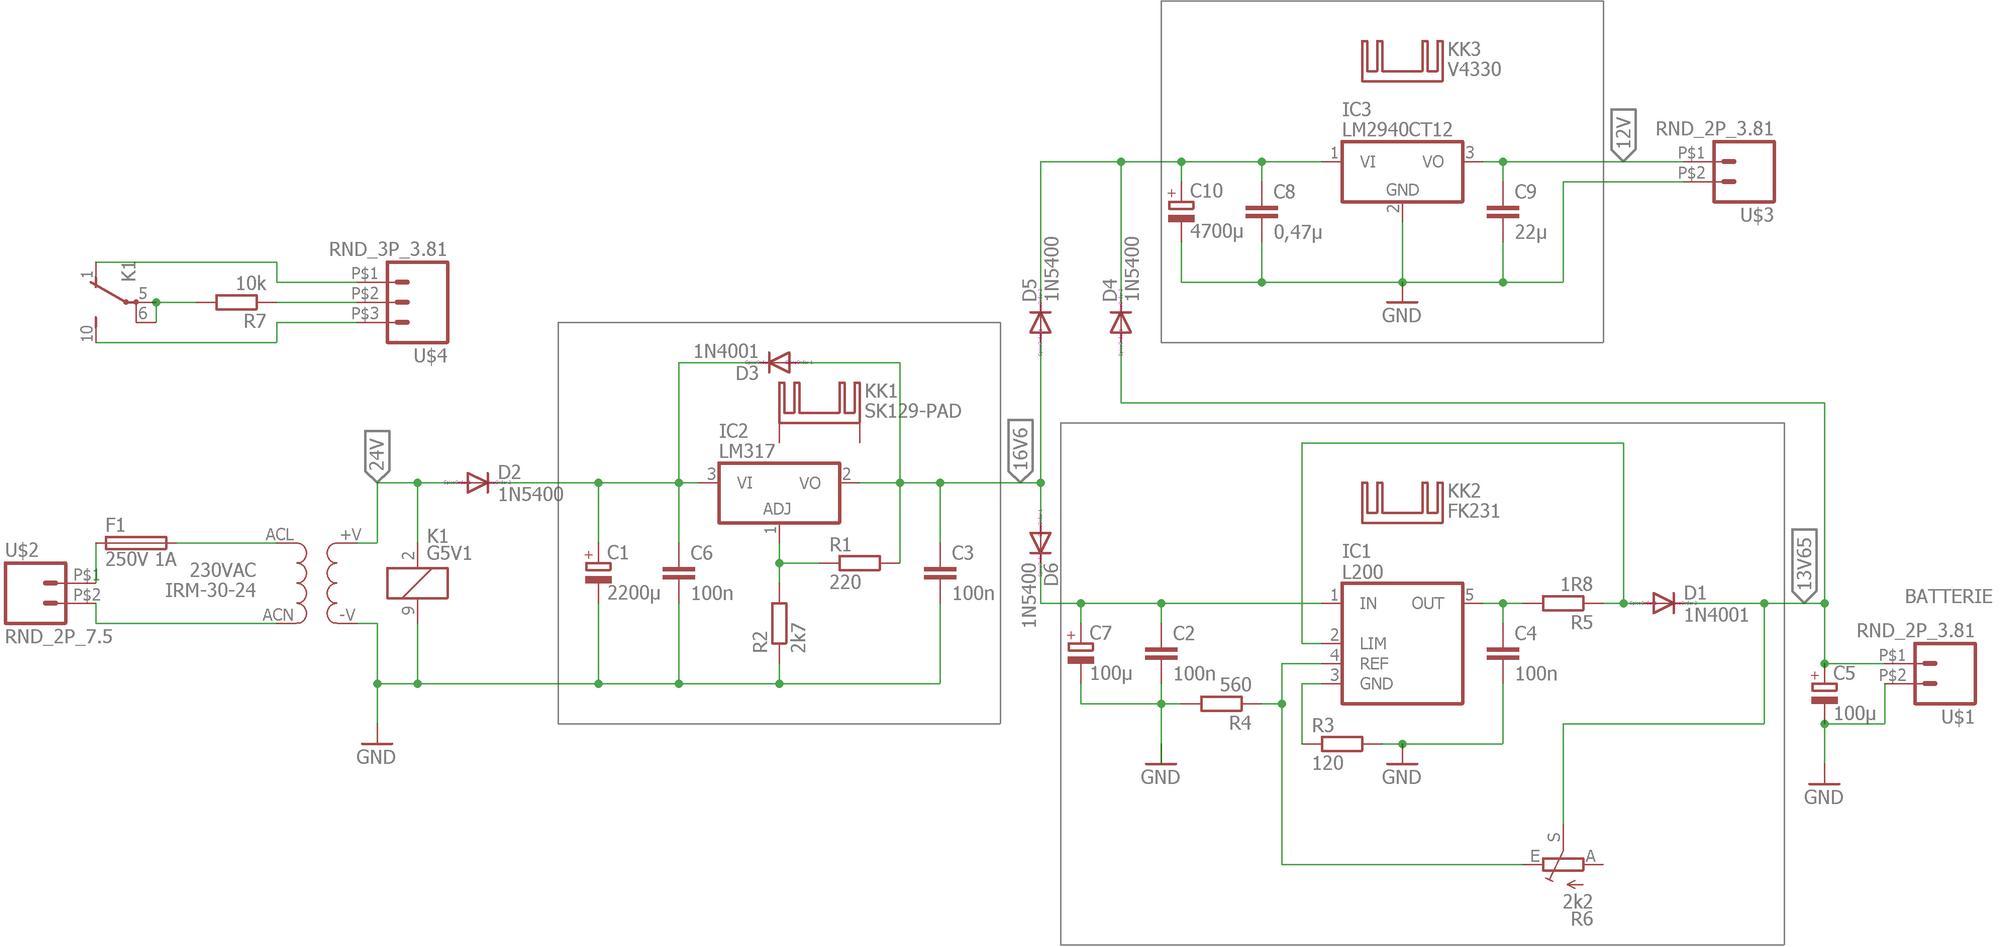 12V Netzteil mit Notstromversorgung durch Akku - Mikrocontroller.net